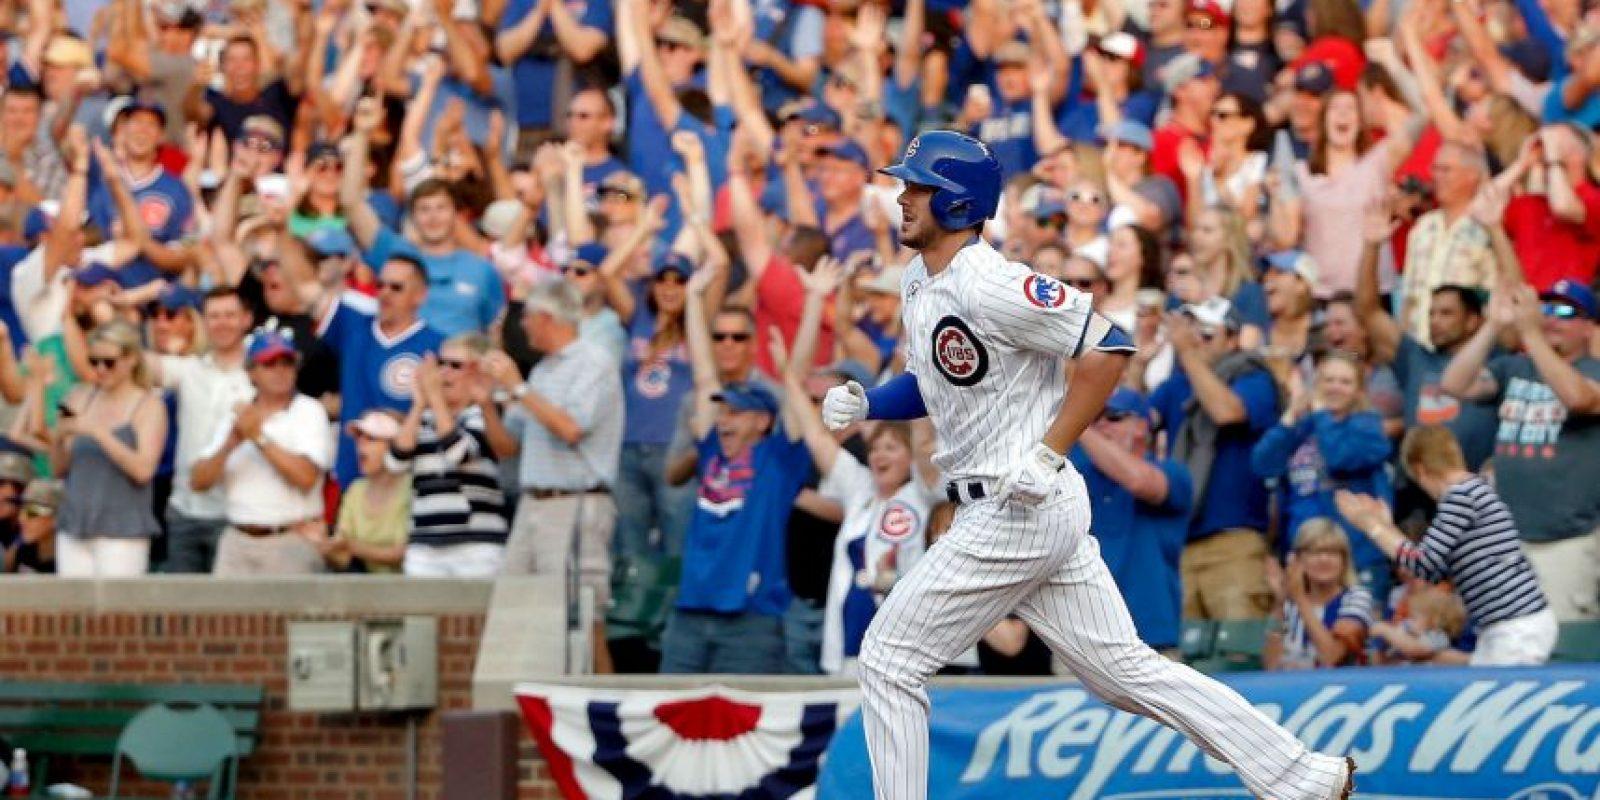 El único equipo de Miami que compite en la MLB son los Marlins de Miami, pero nunca podrían enfrentarse a los Cubs en una Serie Mundial. Foto:Getty Images